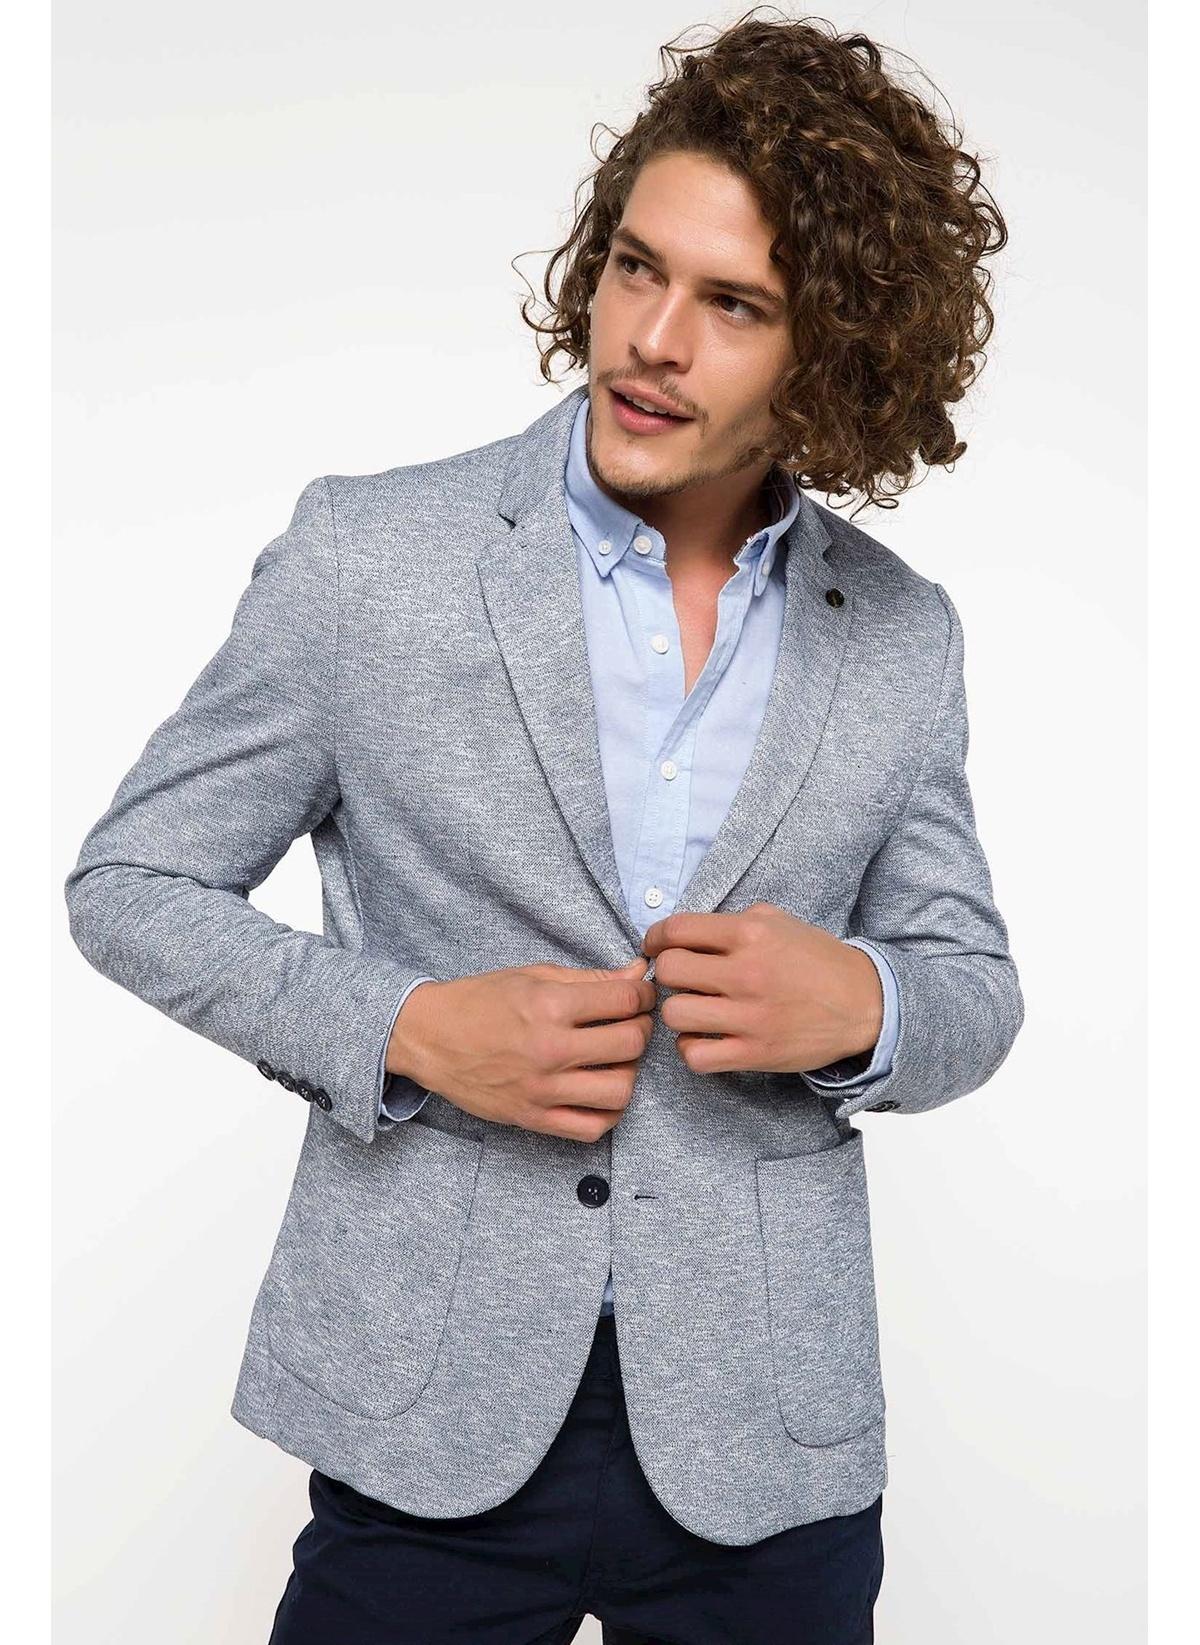 Defacto Slim Fit Blazer Ceket I4161az18spın75 Ceket – 159.99 TL